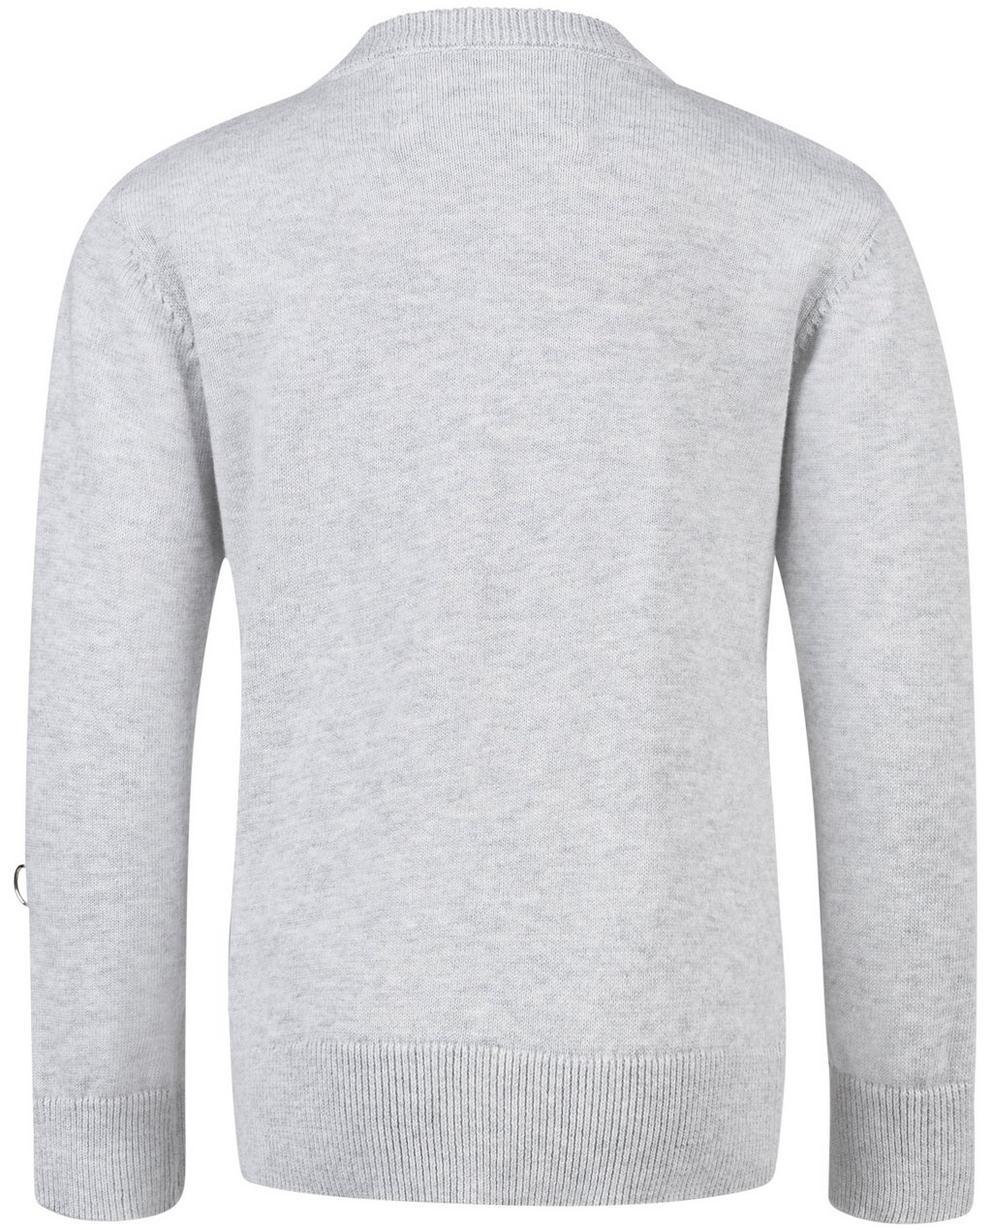 Pullover - Blassgrau - Lichtgrijze trui